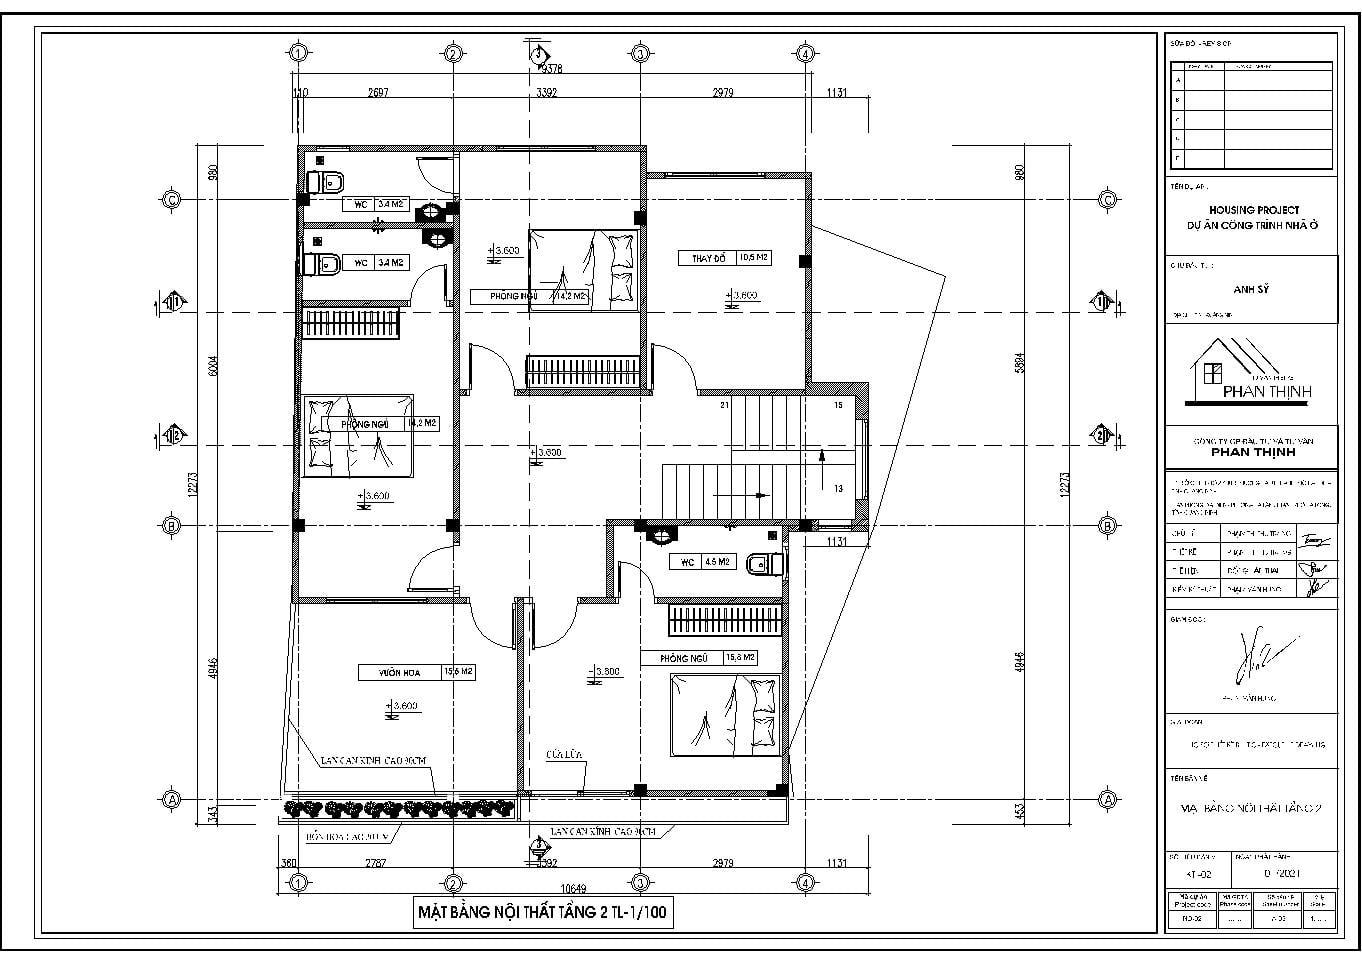 Mặt bằng nội thất tầng 2 của ngôi nhà